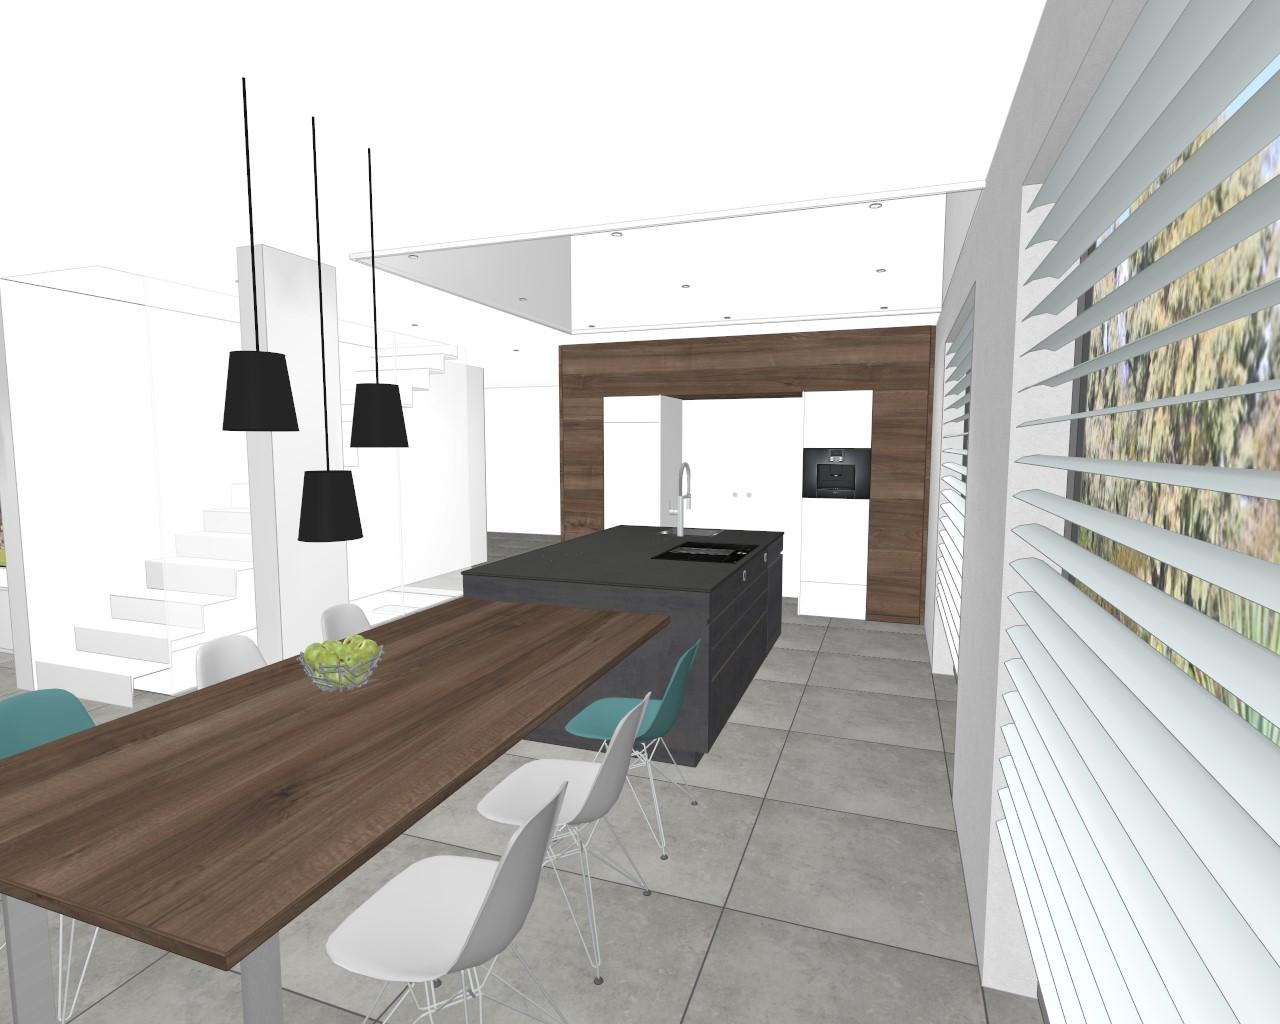 Küchenwerkstatt Amberg | Küche komplett mit Esstisch und Speiss